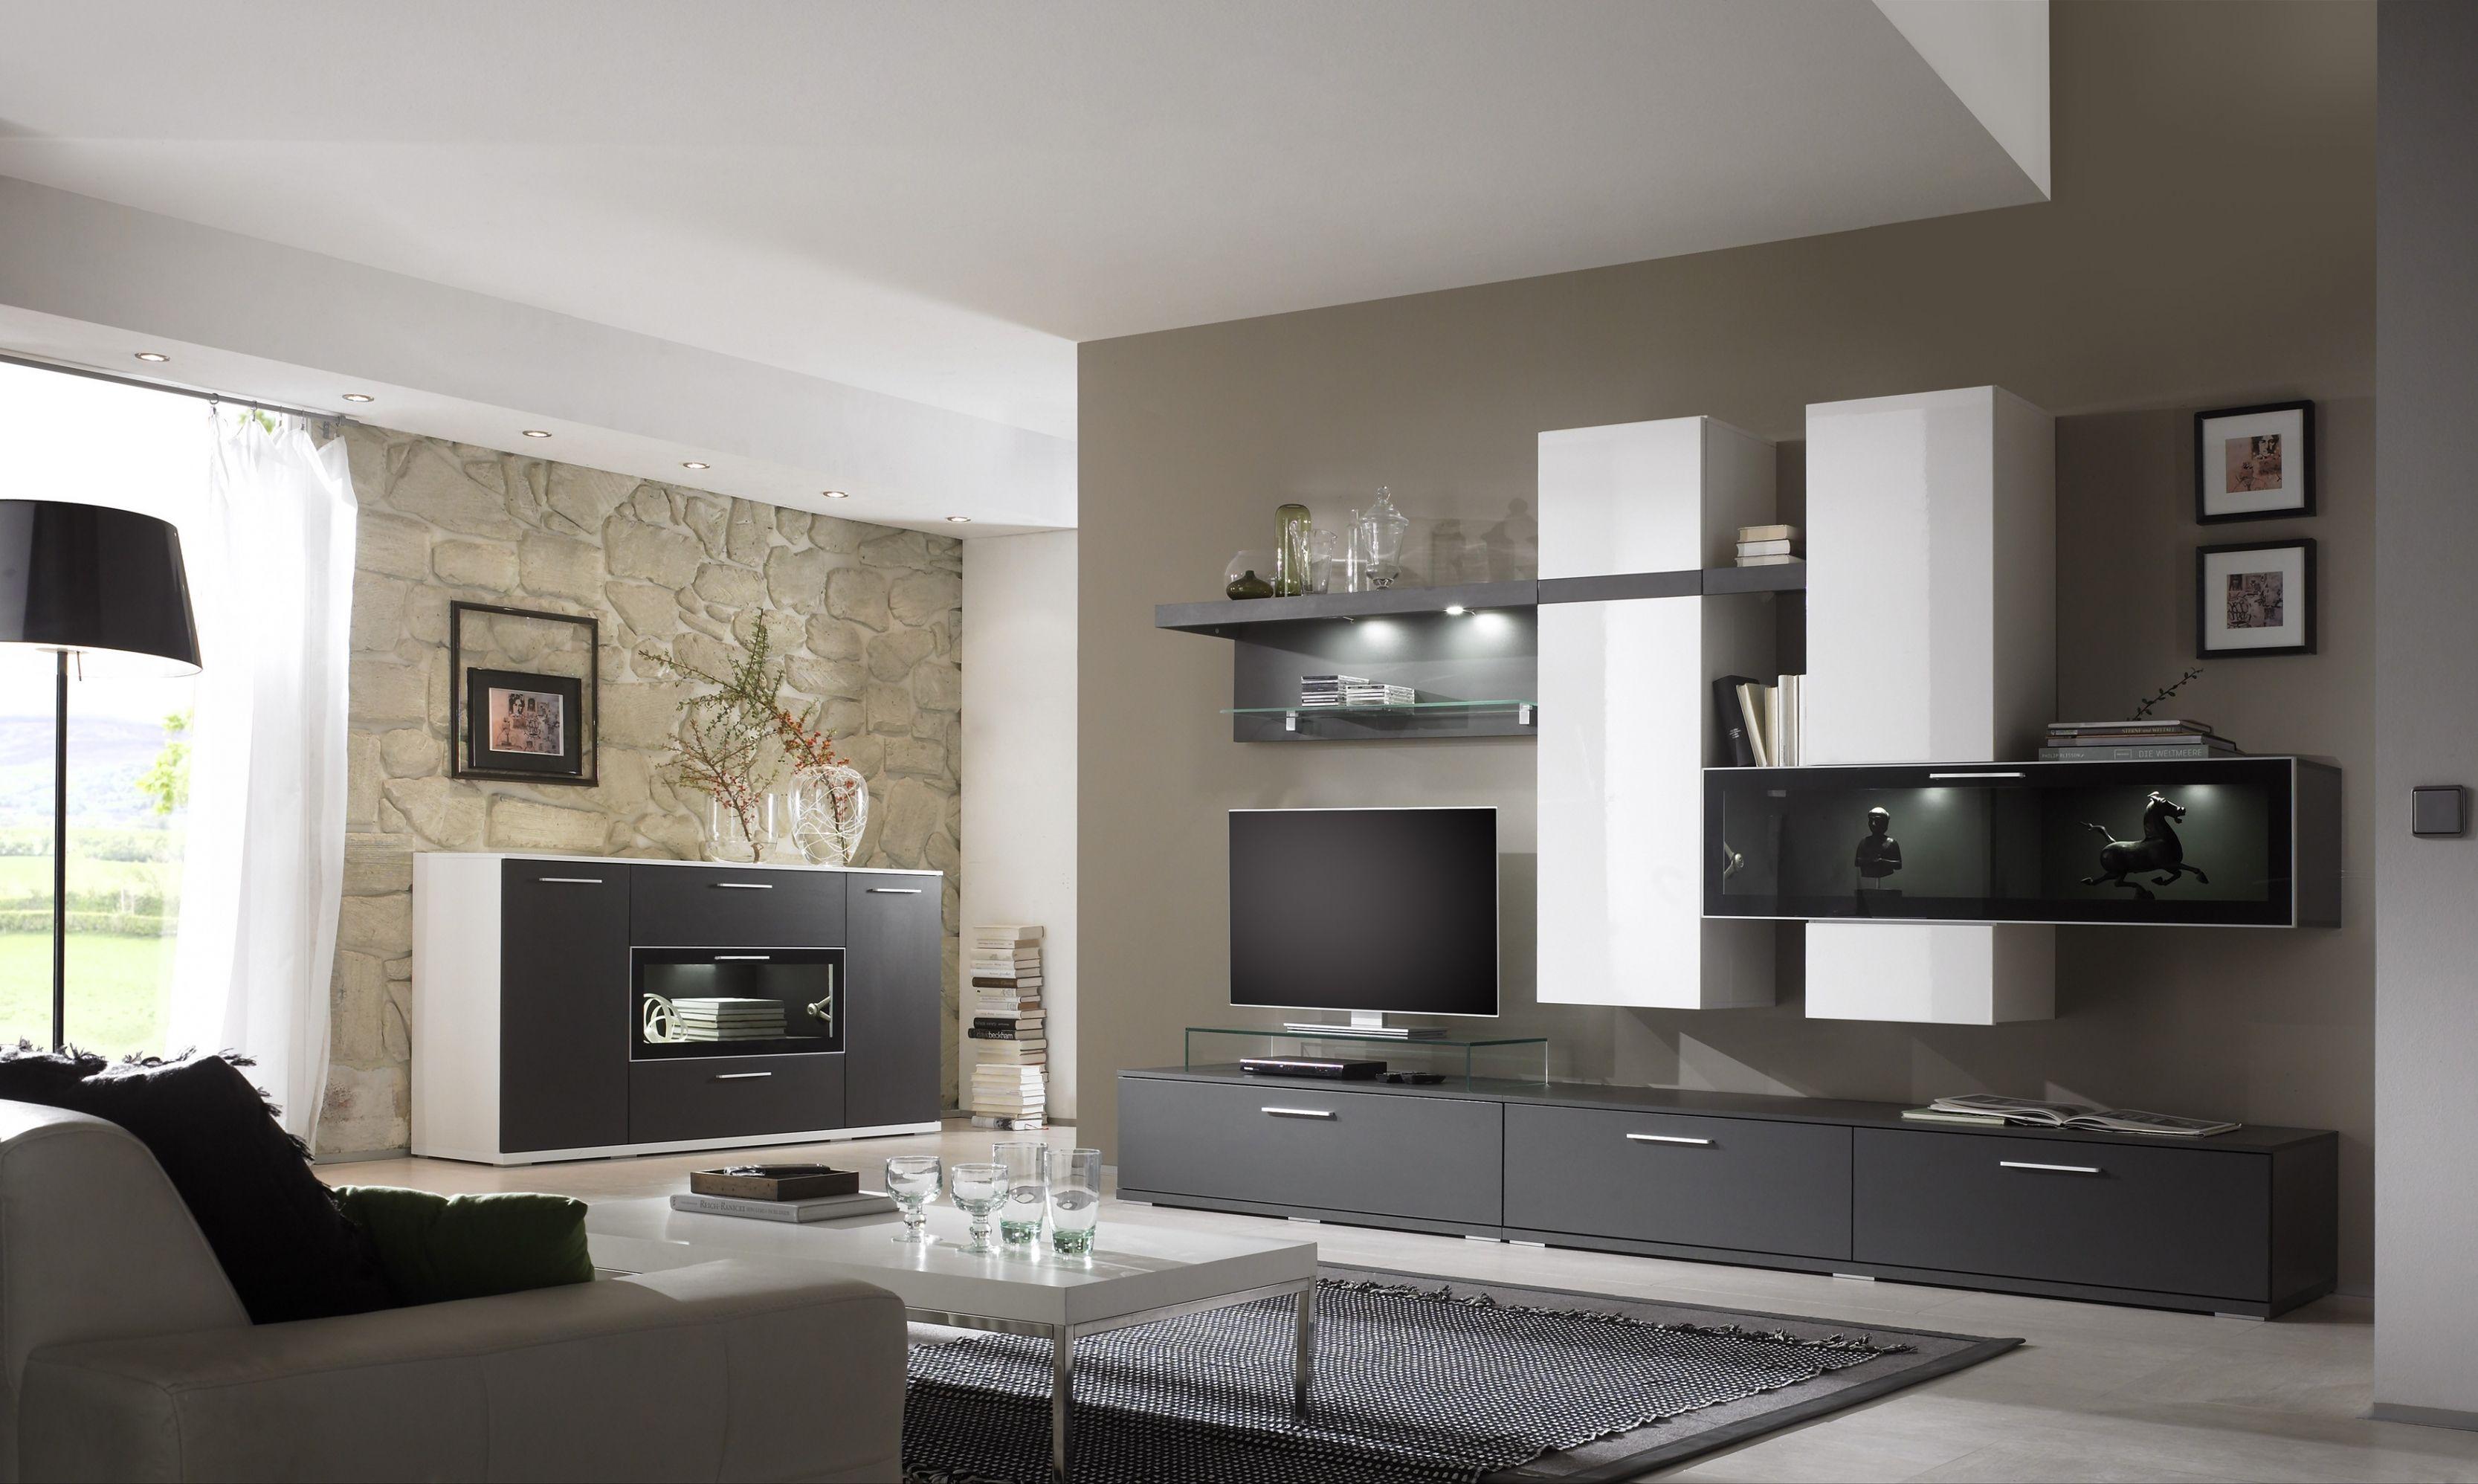 neu wohnzimmer modern tapezieren - Wohnzimmer Modern Tapezieren